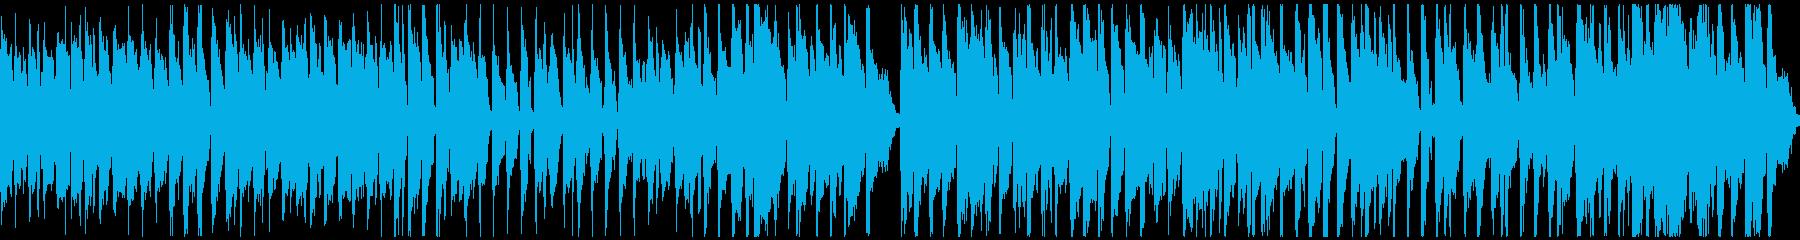 明るく楽しい元気な曲:ループ対応ショートの再生済みの波形